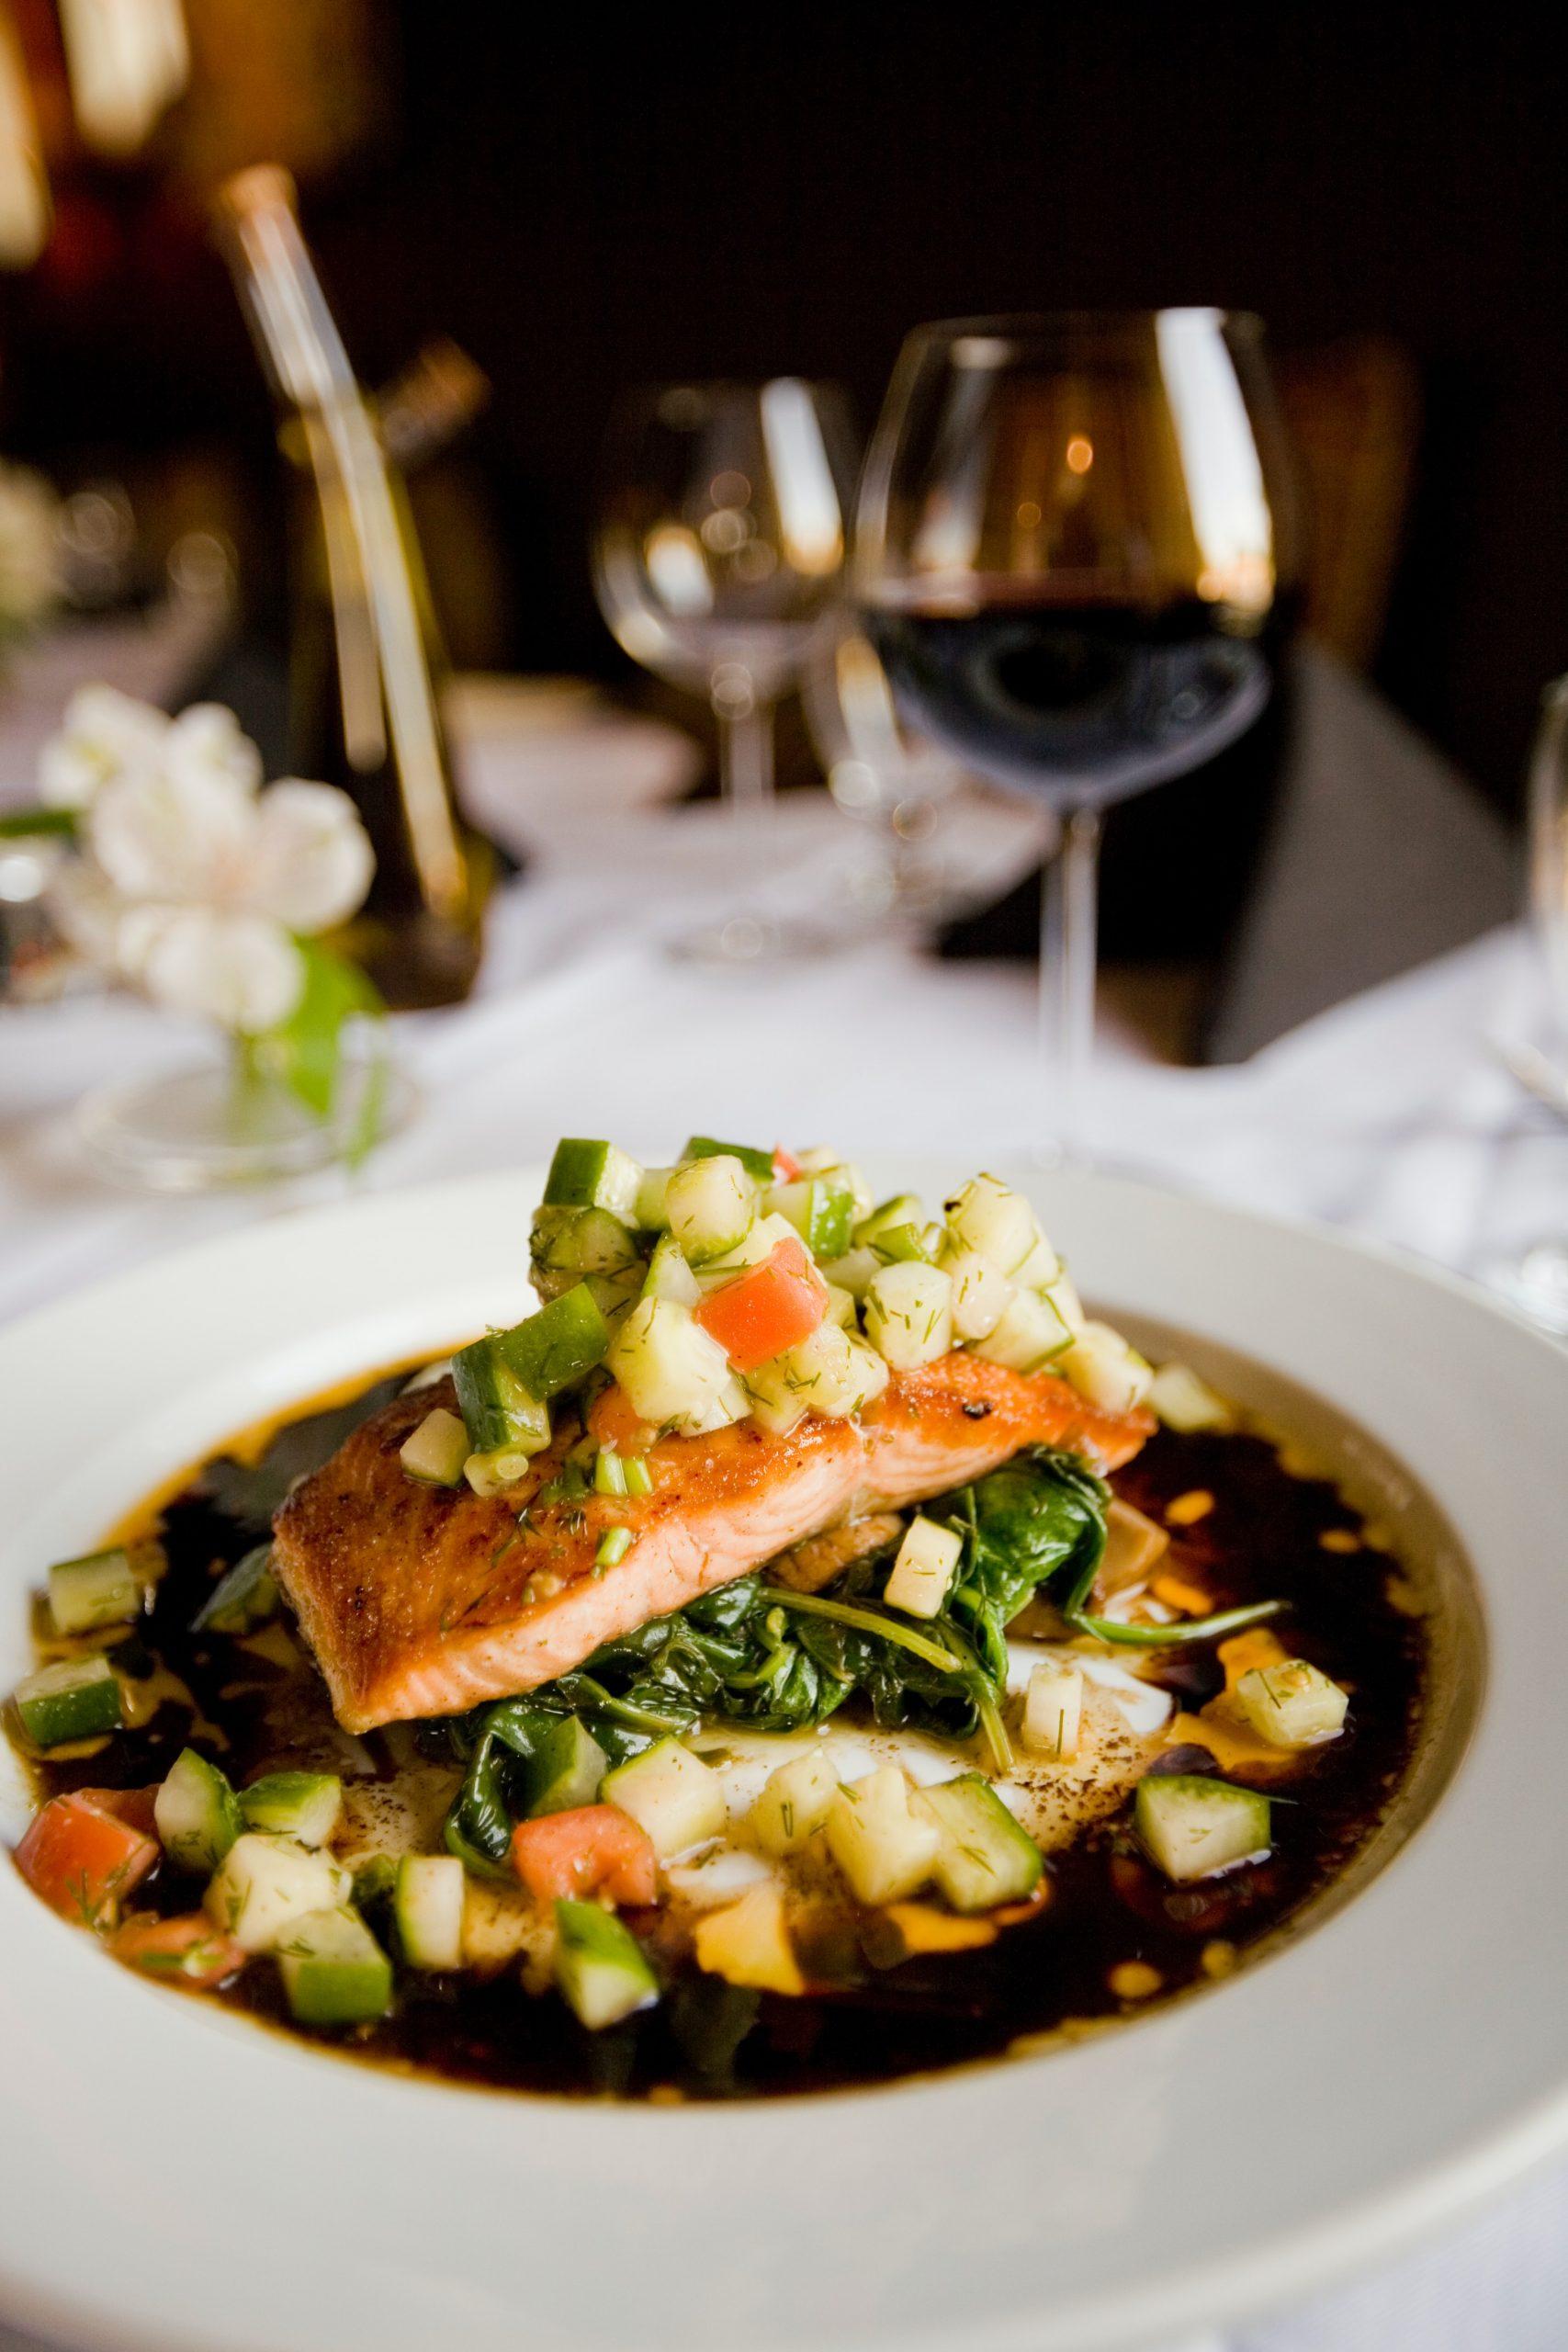 Las grasas saludables de la dieta mediterránea (como la del salmón) son esenciales para la salud. /Unsplash